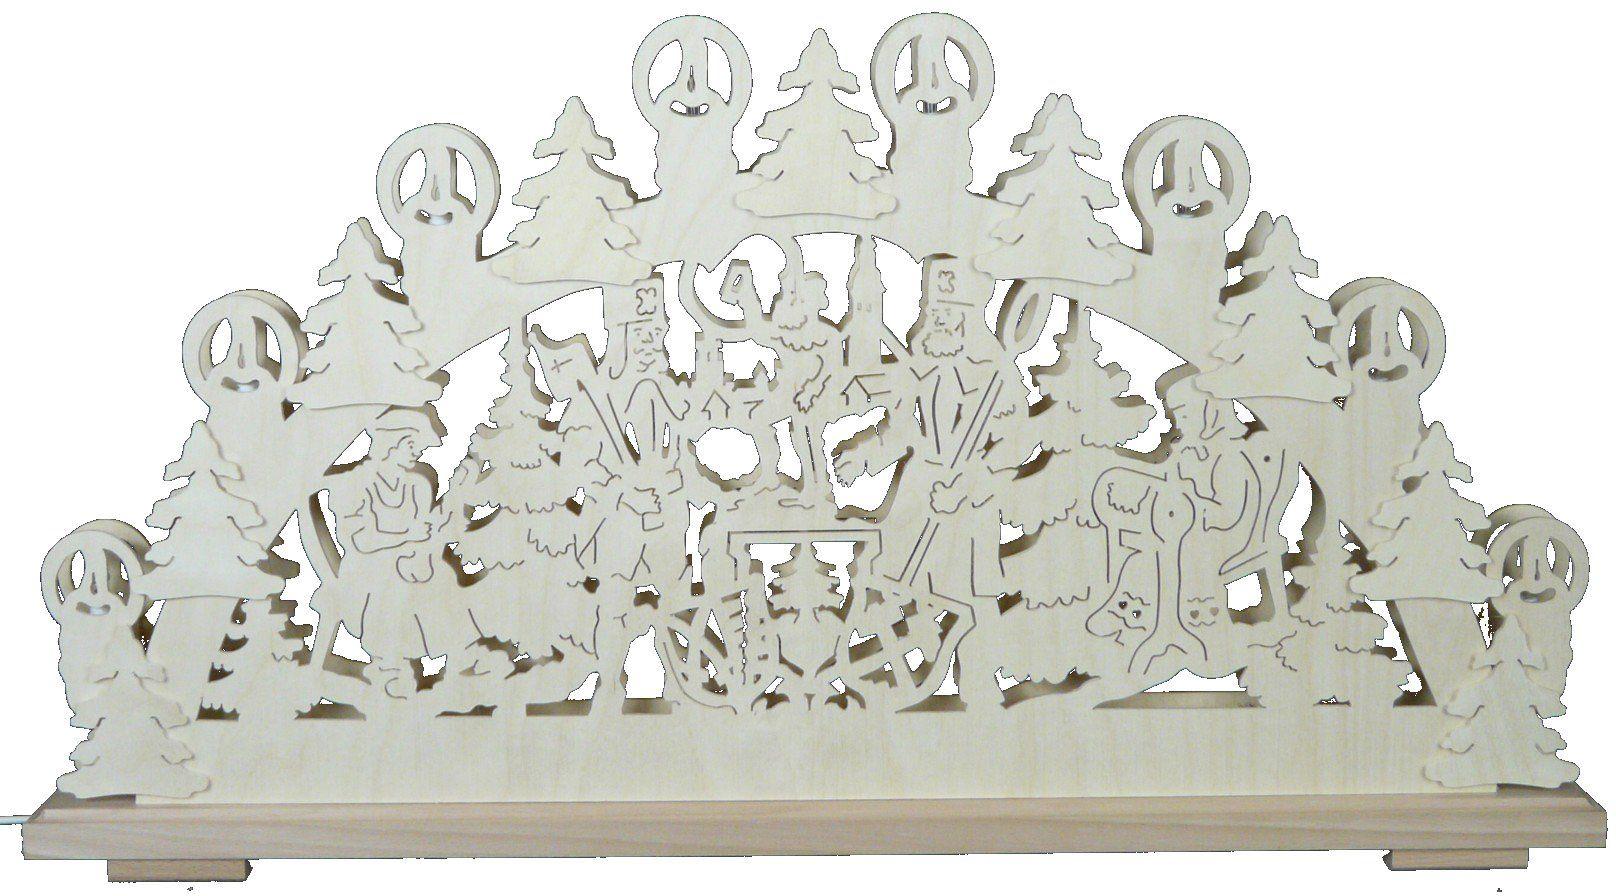 SchwibboLa SB 1-72 świecznik z Rudaw, podwójnie podświetlany, z certyfikatem SB 1-72, 70 x 42 cm